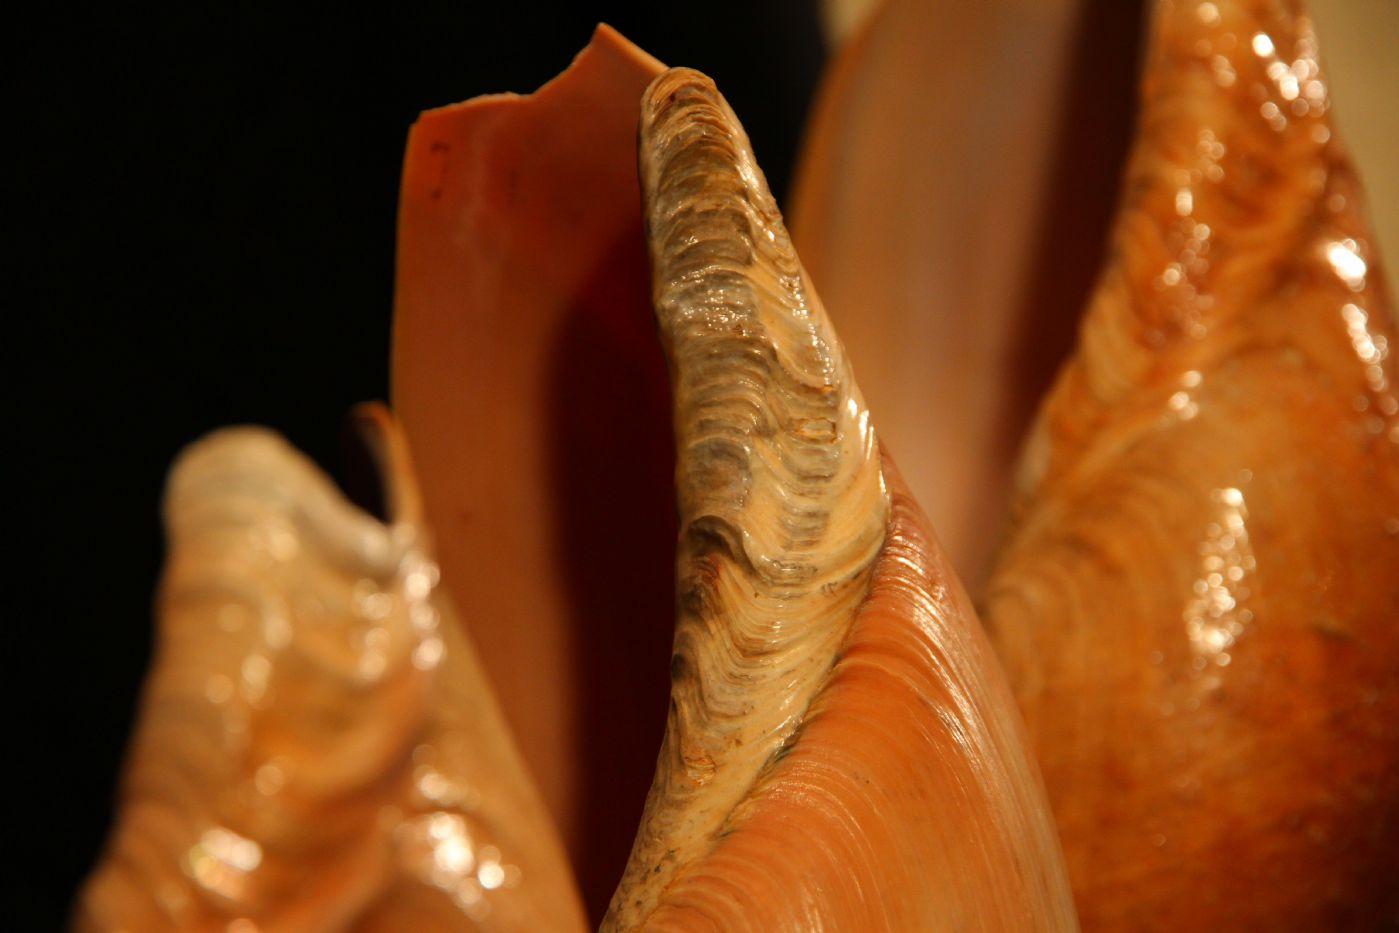 thumb5|Quattro conchiglie su base di legno, Golfo di Guinea